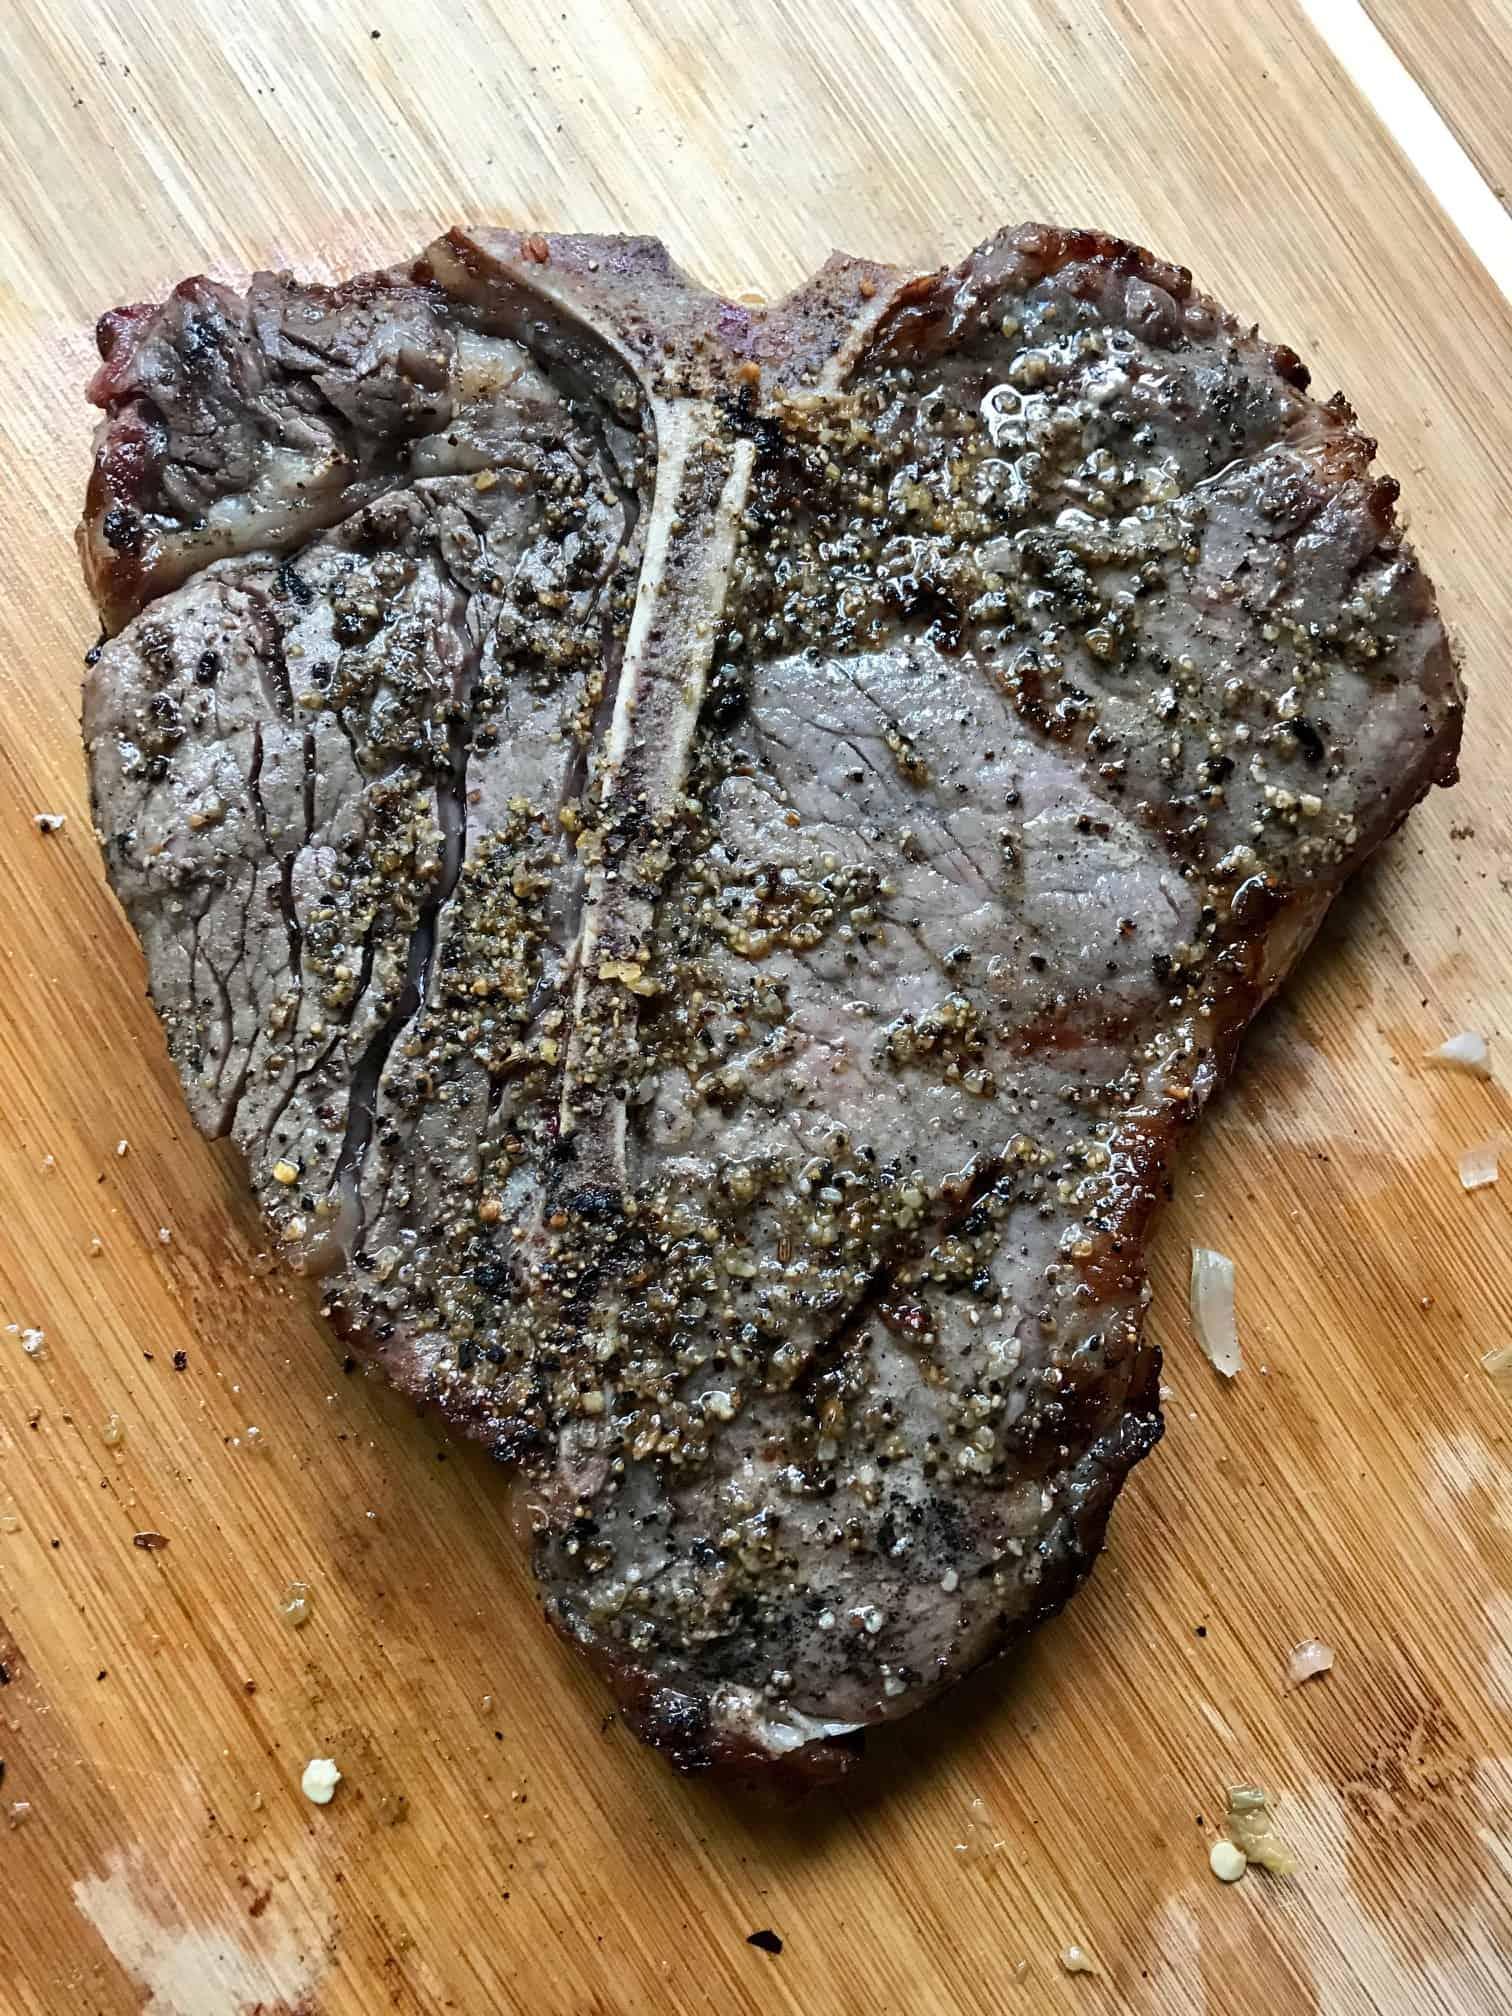 Reverse Sear Steak on cutting board